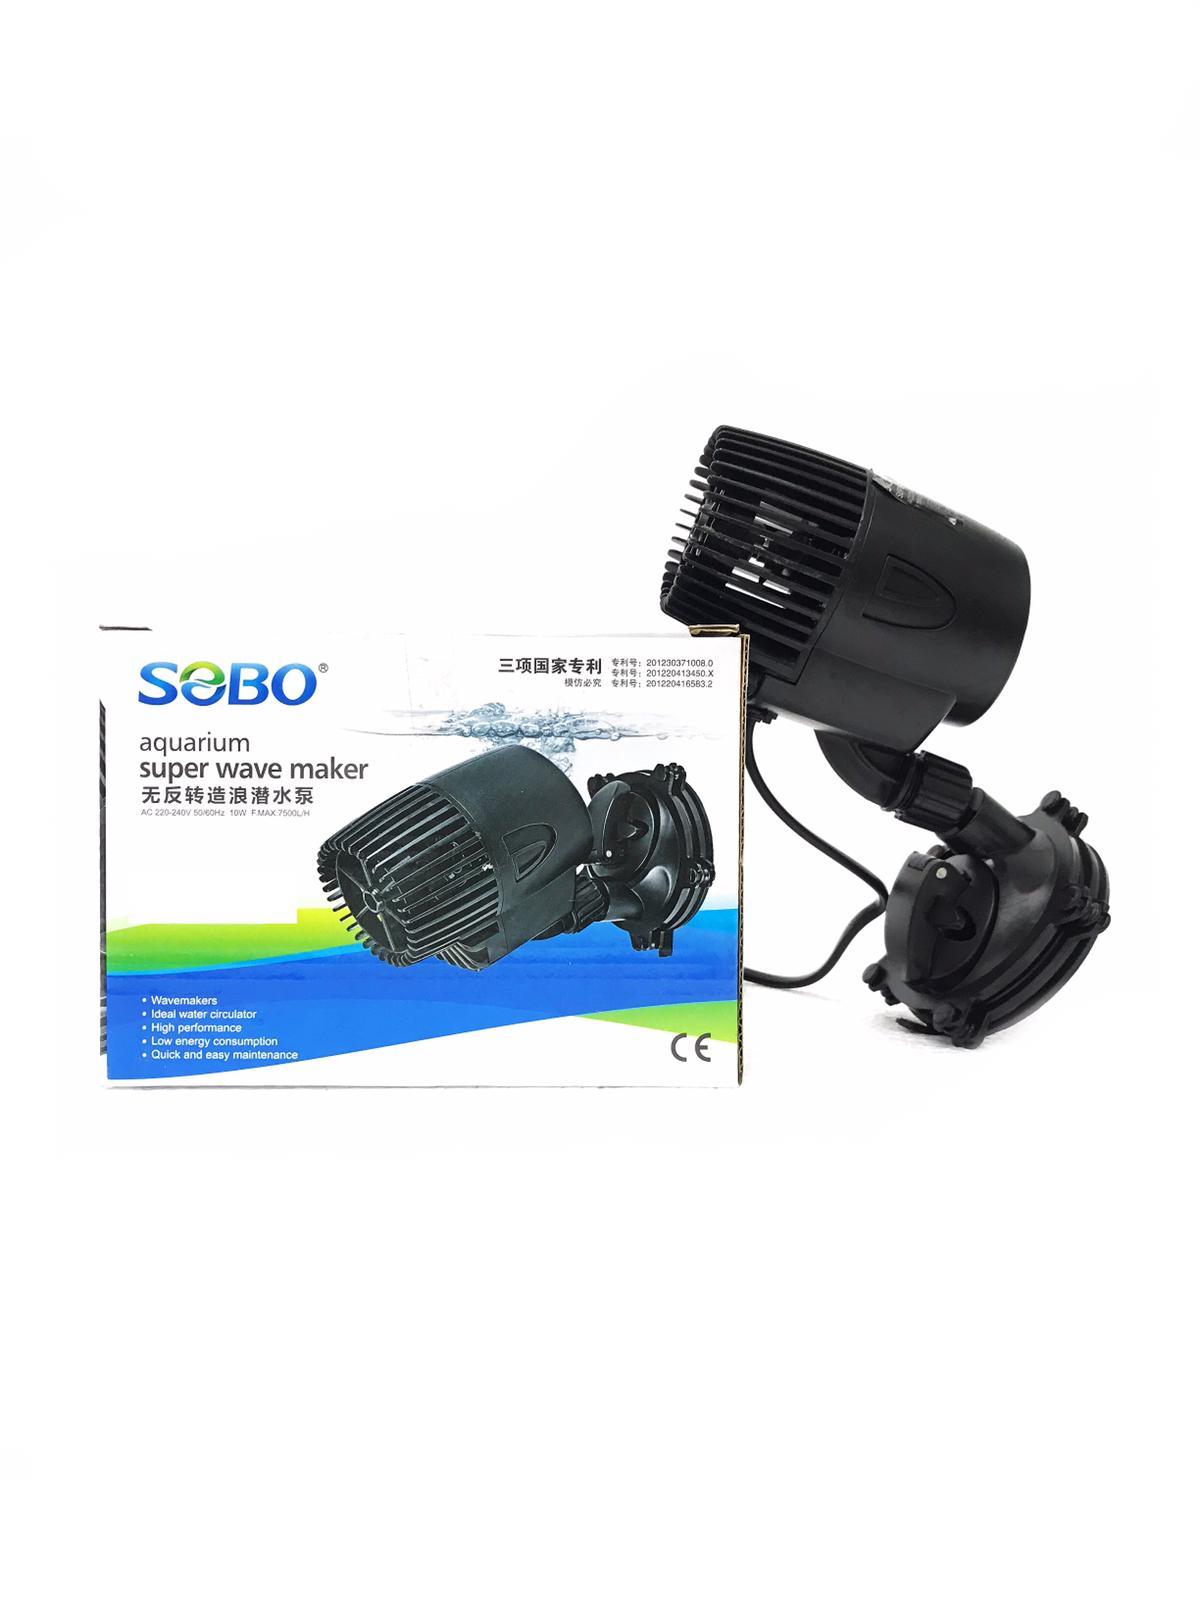 Sobo Super Wave Maker